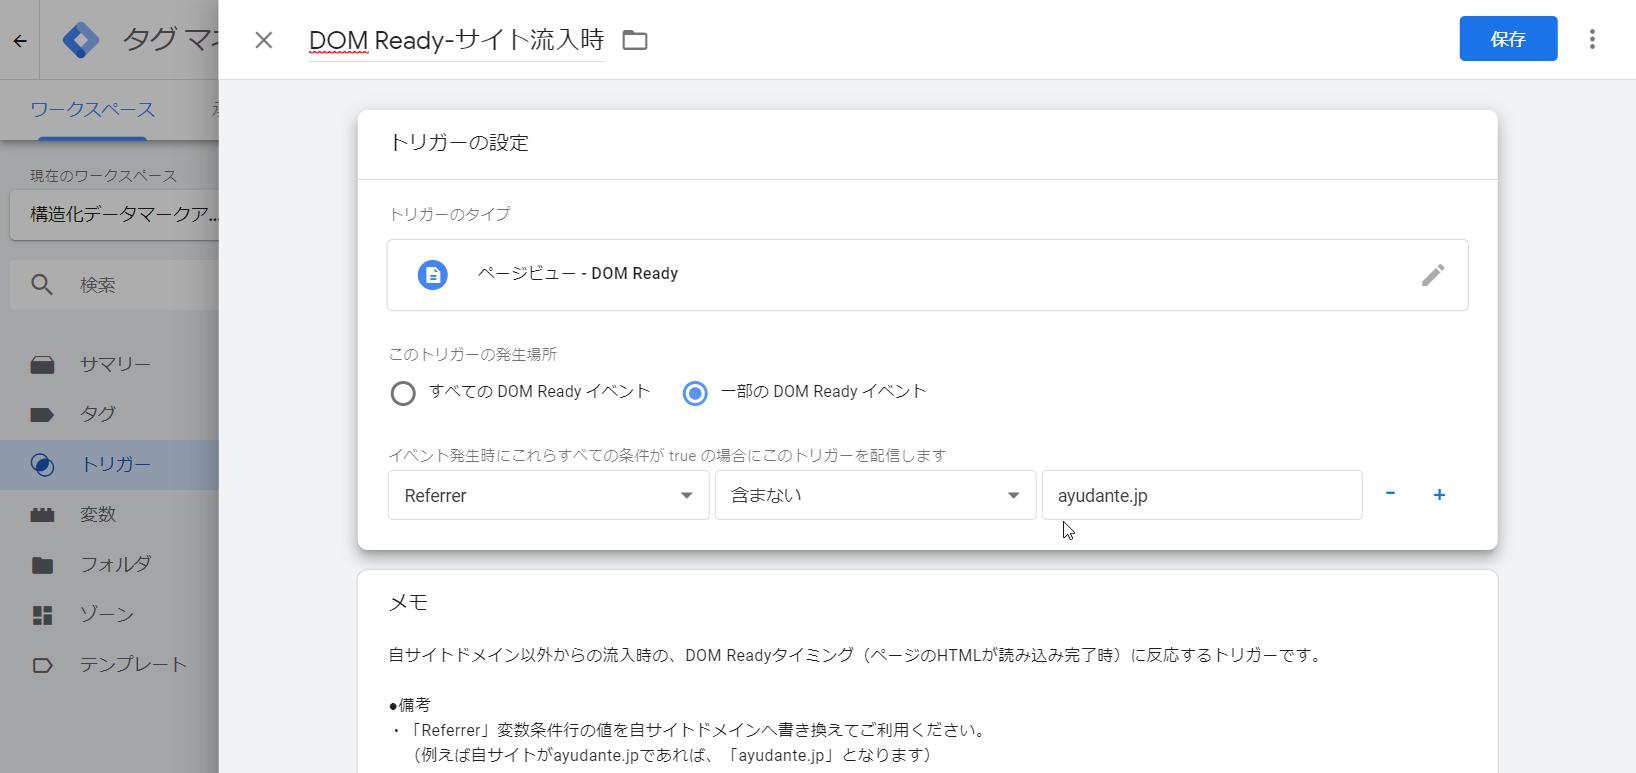 トリガー > 「新規」ボタン から新規トリガー登録画面にて、Referrerに自サイトドメインを含まないDOM Readyトリガーを登録